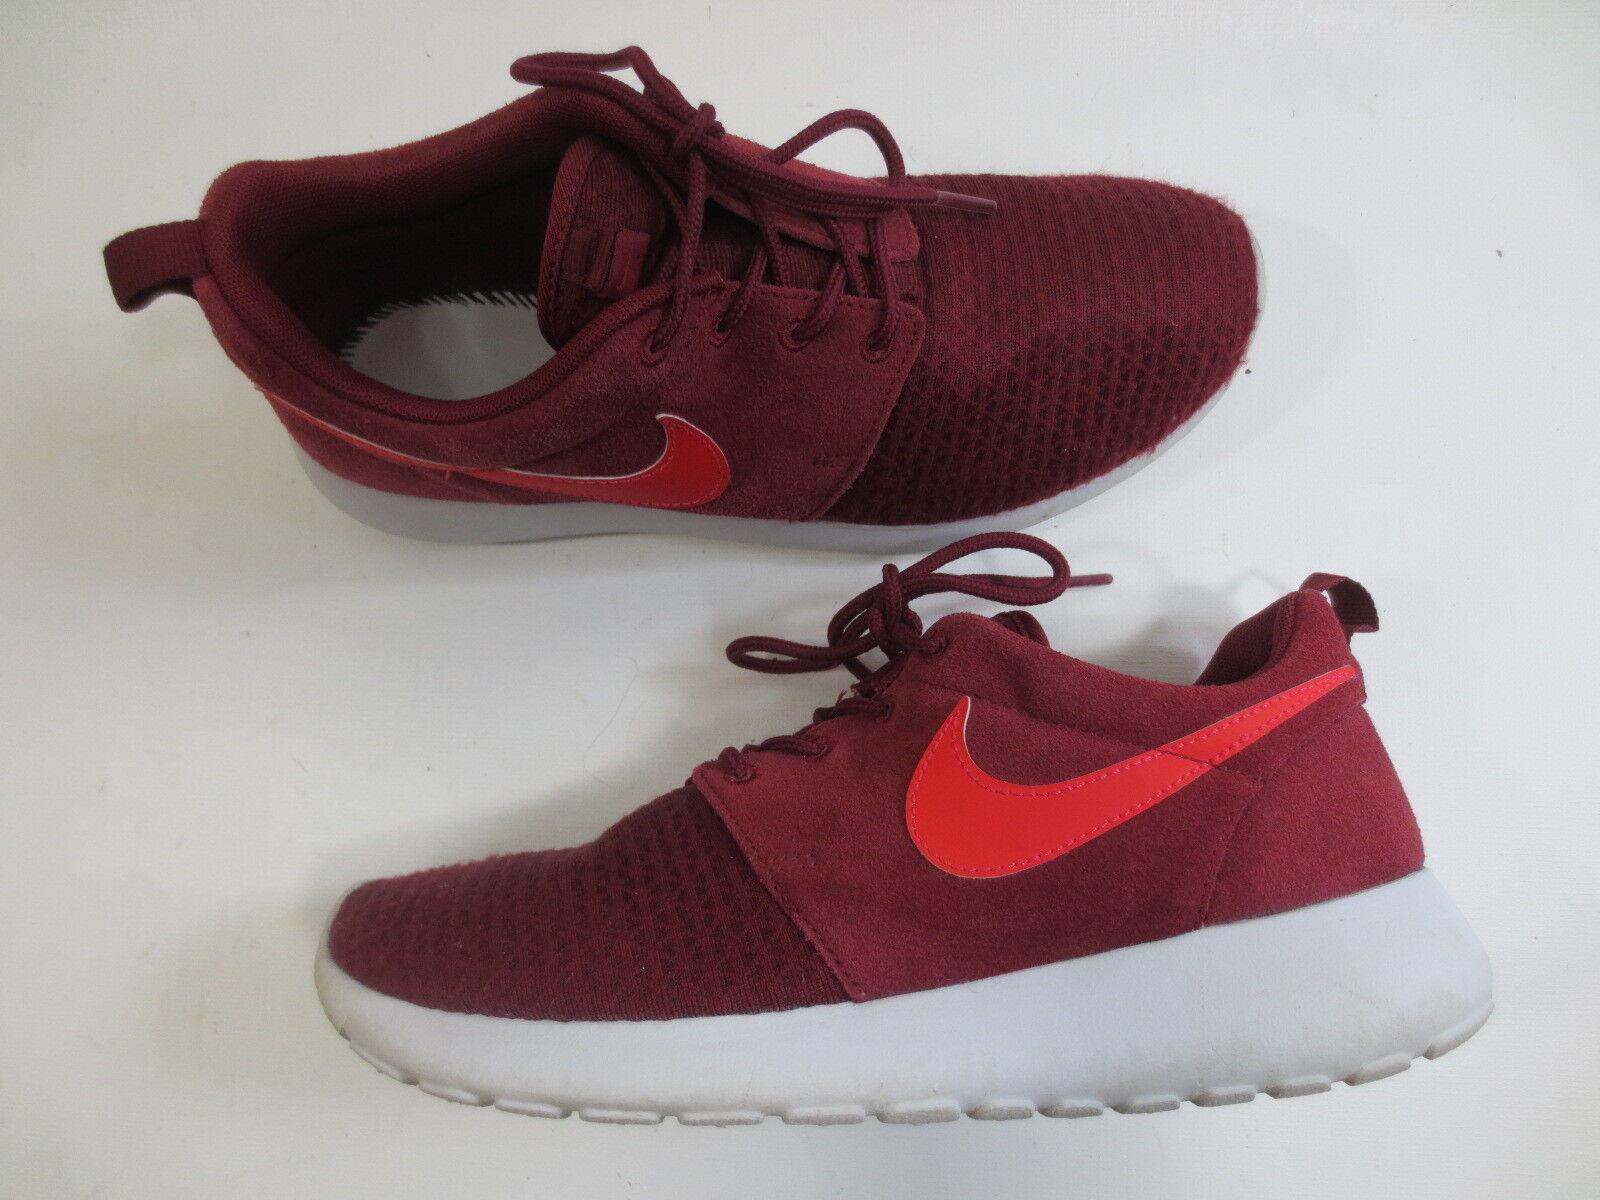 los angeles 52f41 12826 NIKE 685286 ROSHE ONE  ROSHERUN  38 4,5 24 cm Sneaker Sneaker Sneaker. NIKE  AIR LADIES PINK TRAINERS SIZE ...